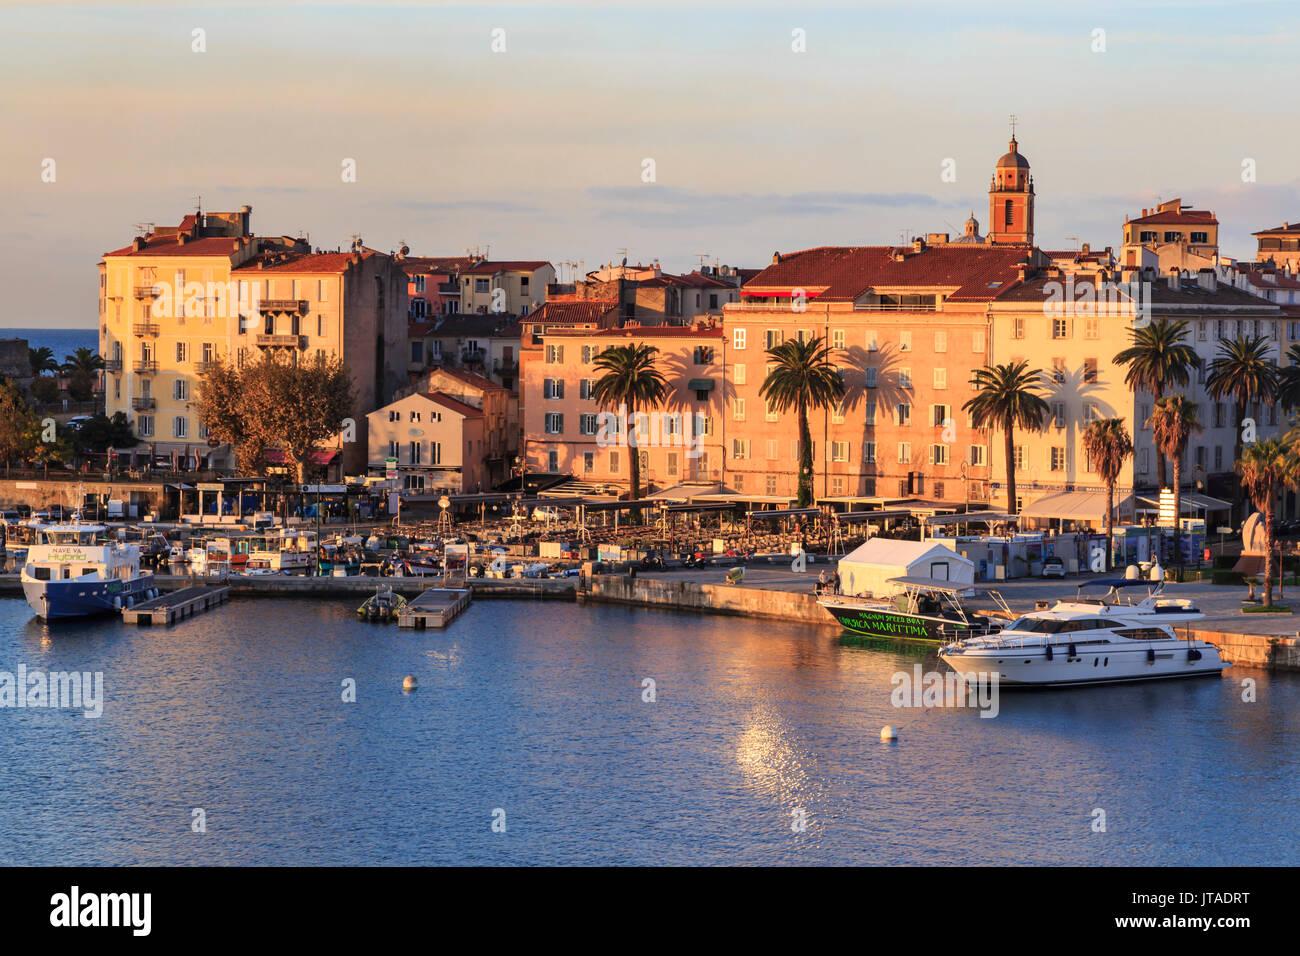 Ajaccio waterfront bei Sonnenaufgang, vom Meer, Insel Korsika, Mittelmeer, Frankreich, Mittelmeer, Europa Stockbild